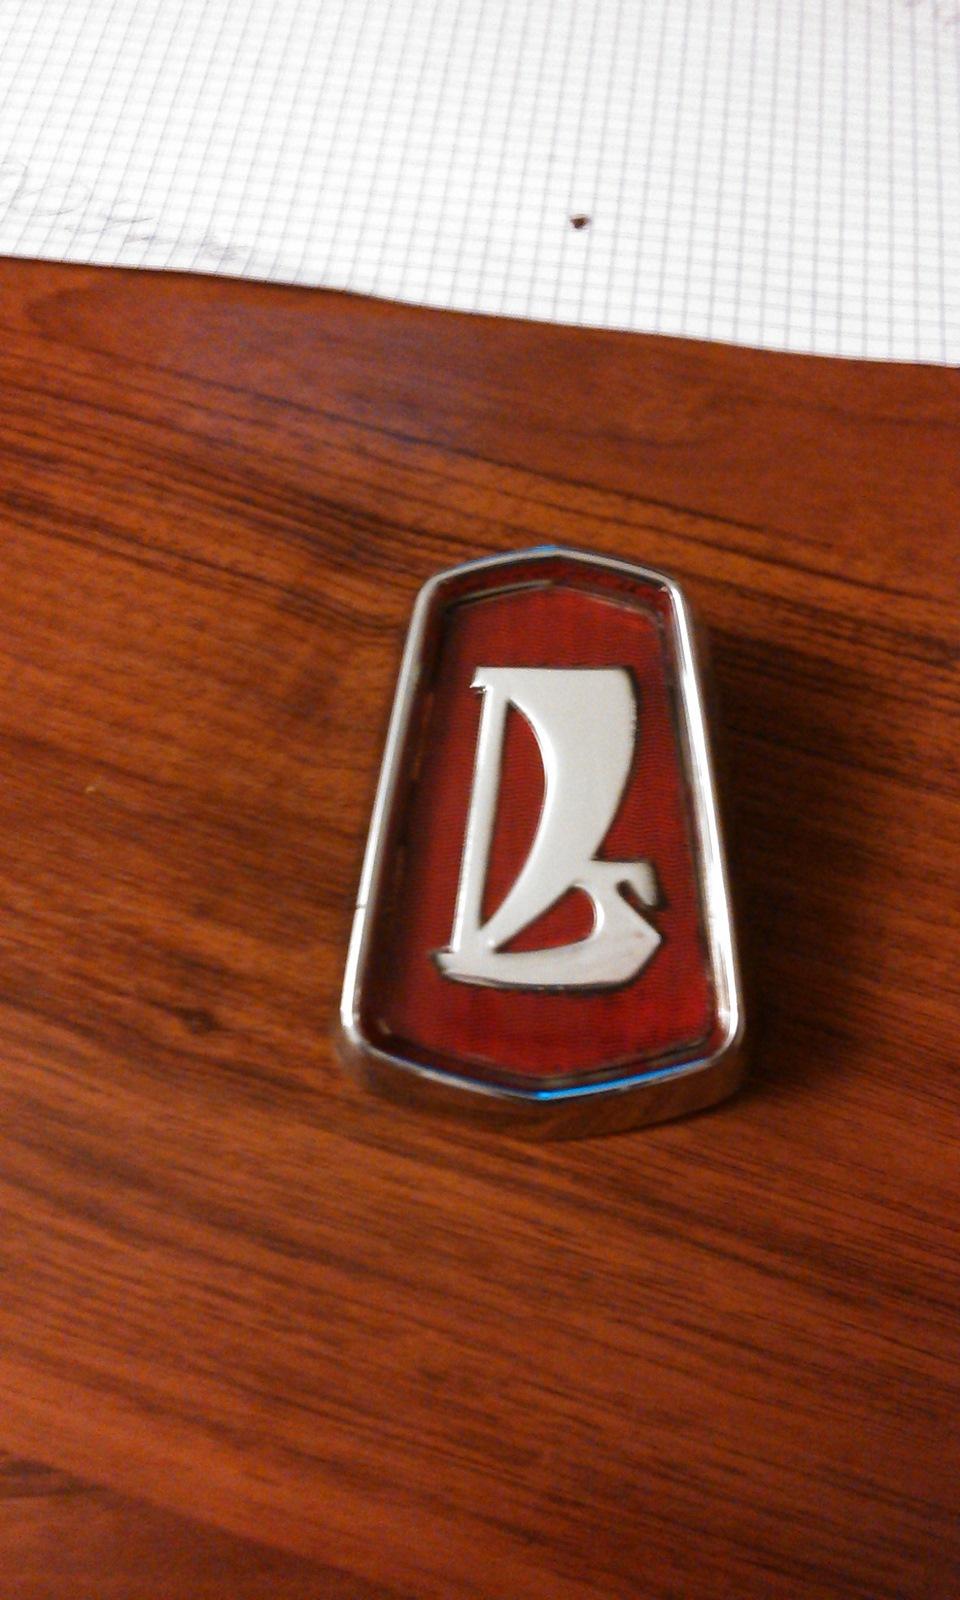 Красный значок, бесплатные фото, обои ...: pictures11.ru/krasnyj-znachok.html